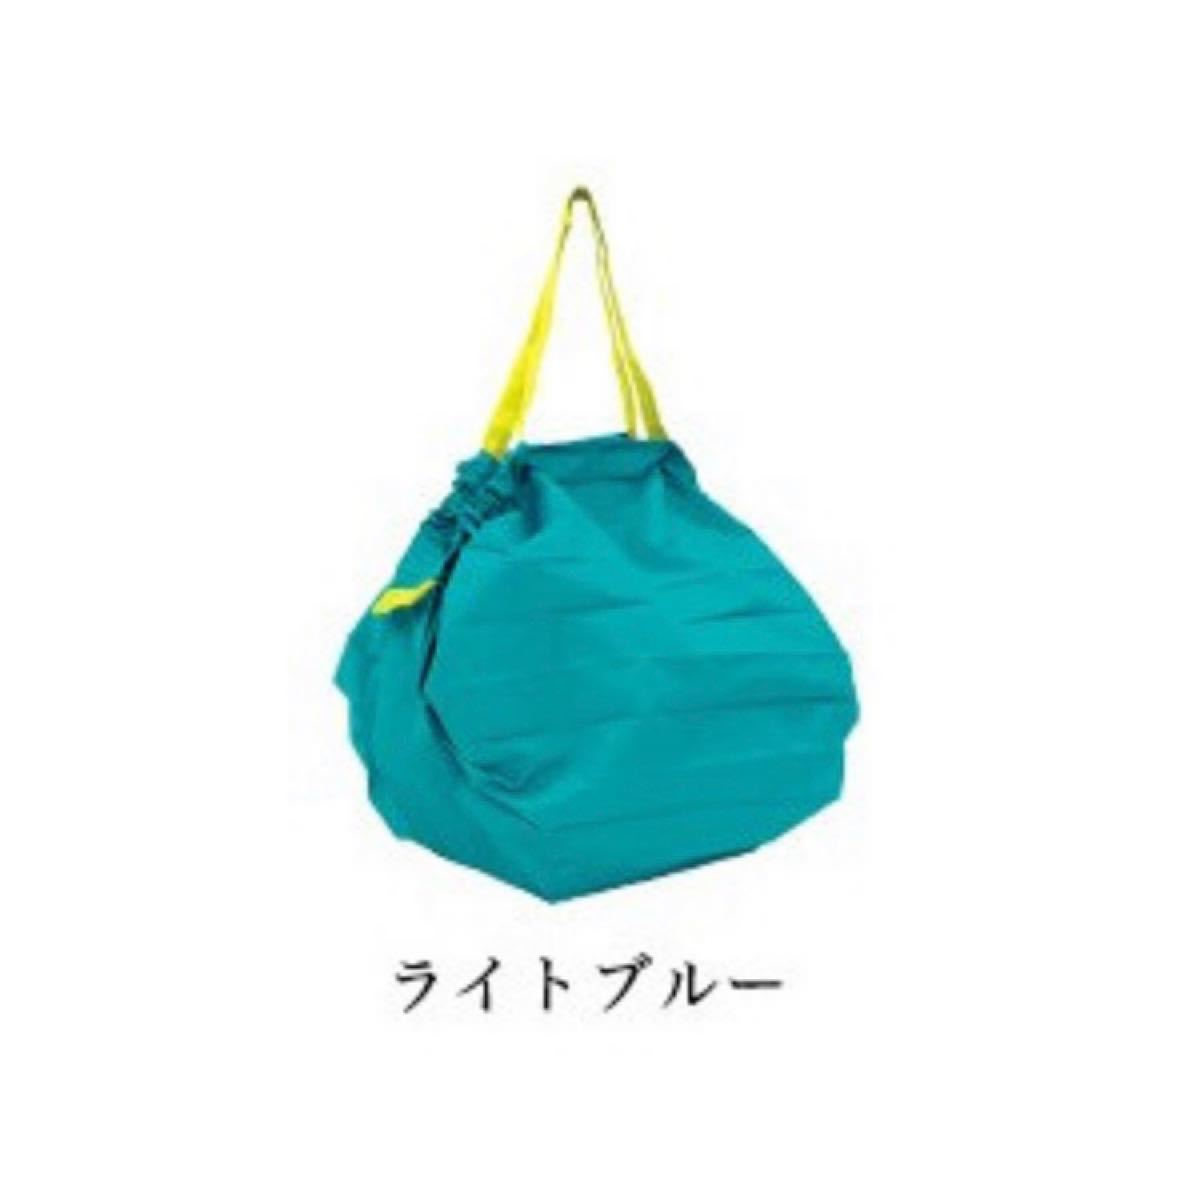 マーナ シュパット 正規品 廃盤色 レア ライトブルー Mサイズ Shupatto エコバッグ